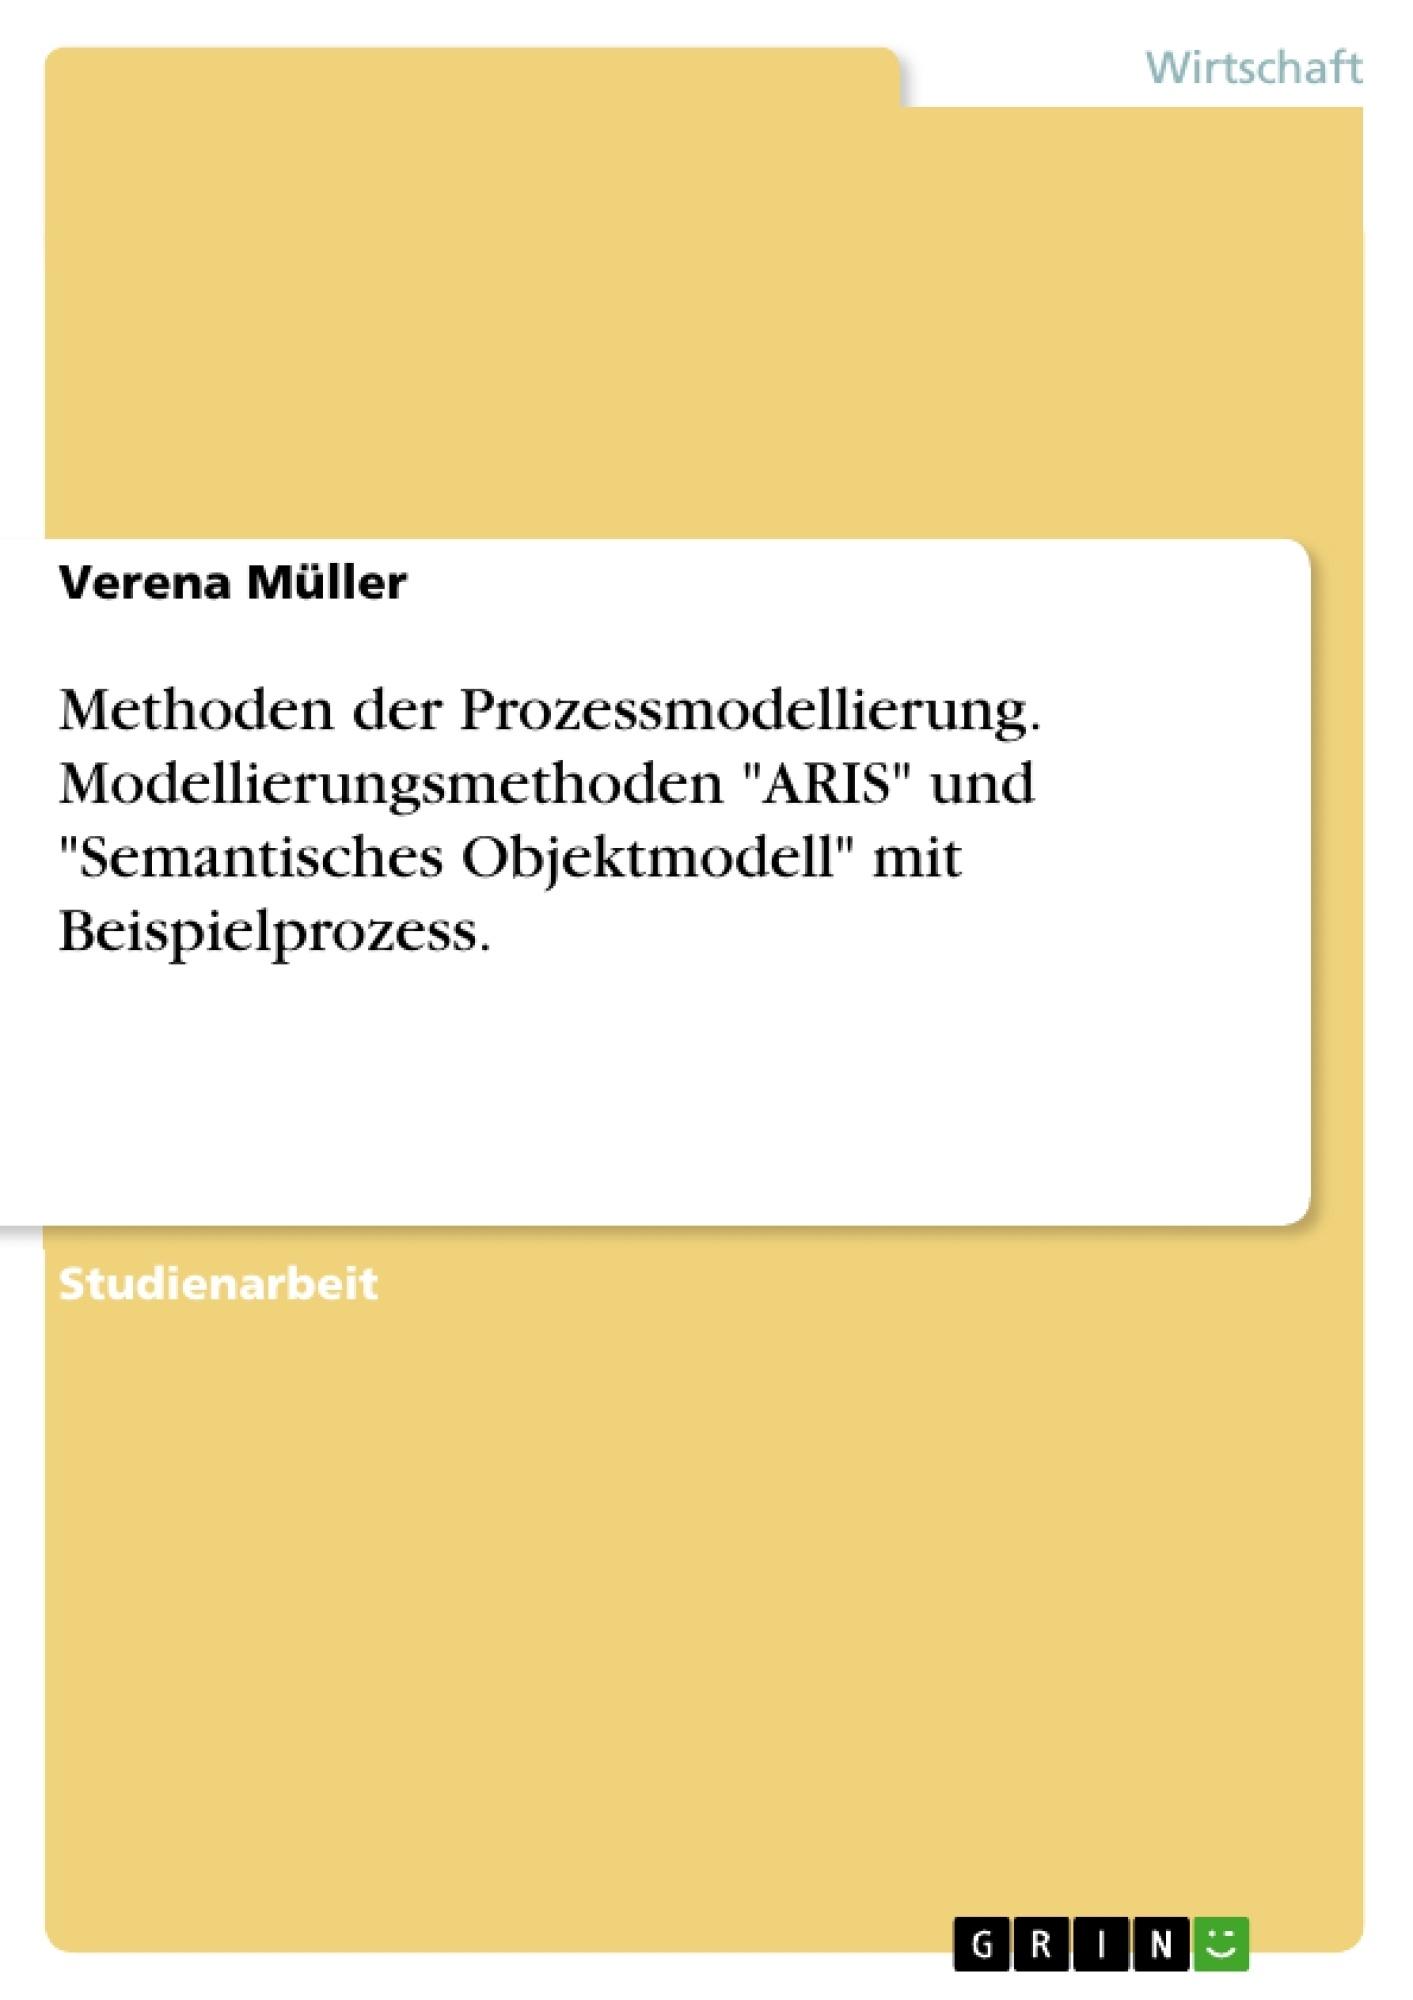 """Titel: Methoden der Prozessmodellierung. Modellierungsmethoden """"ARIS"""" und """"Semantisches Objektmodell"""" mit Beispielprozess."""